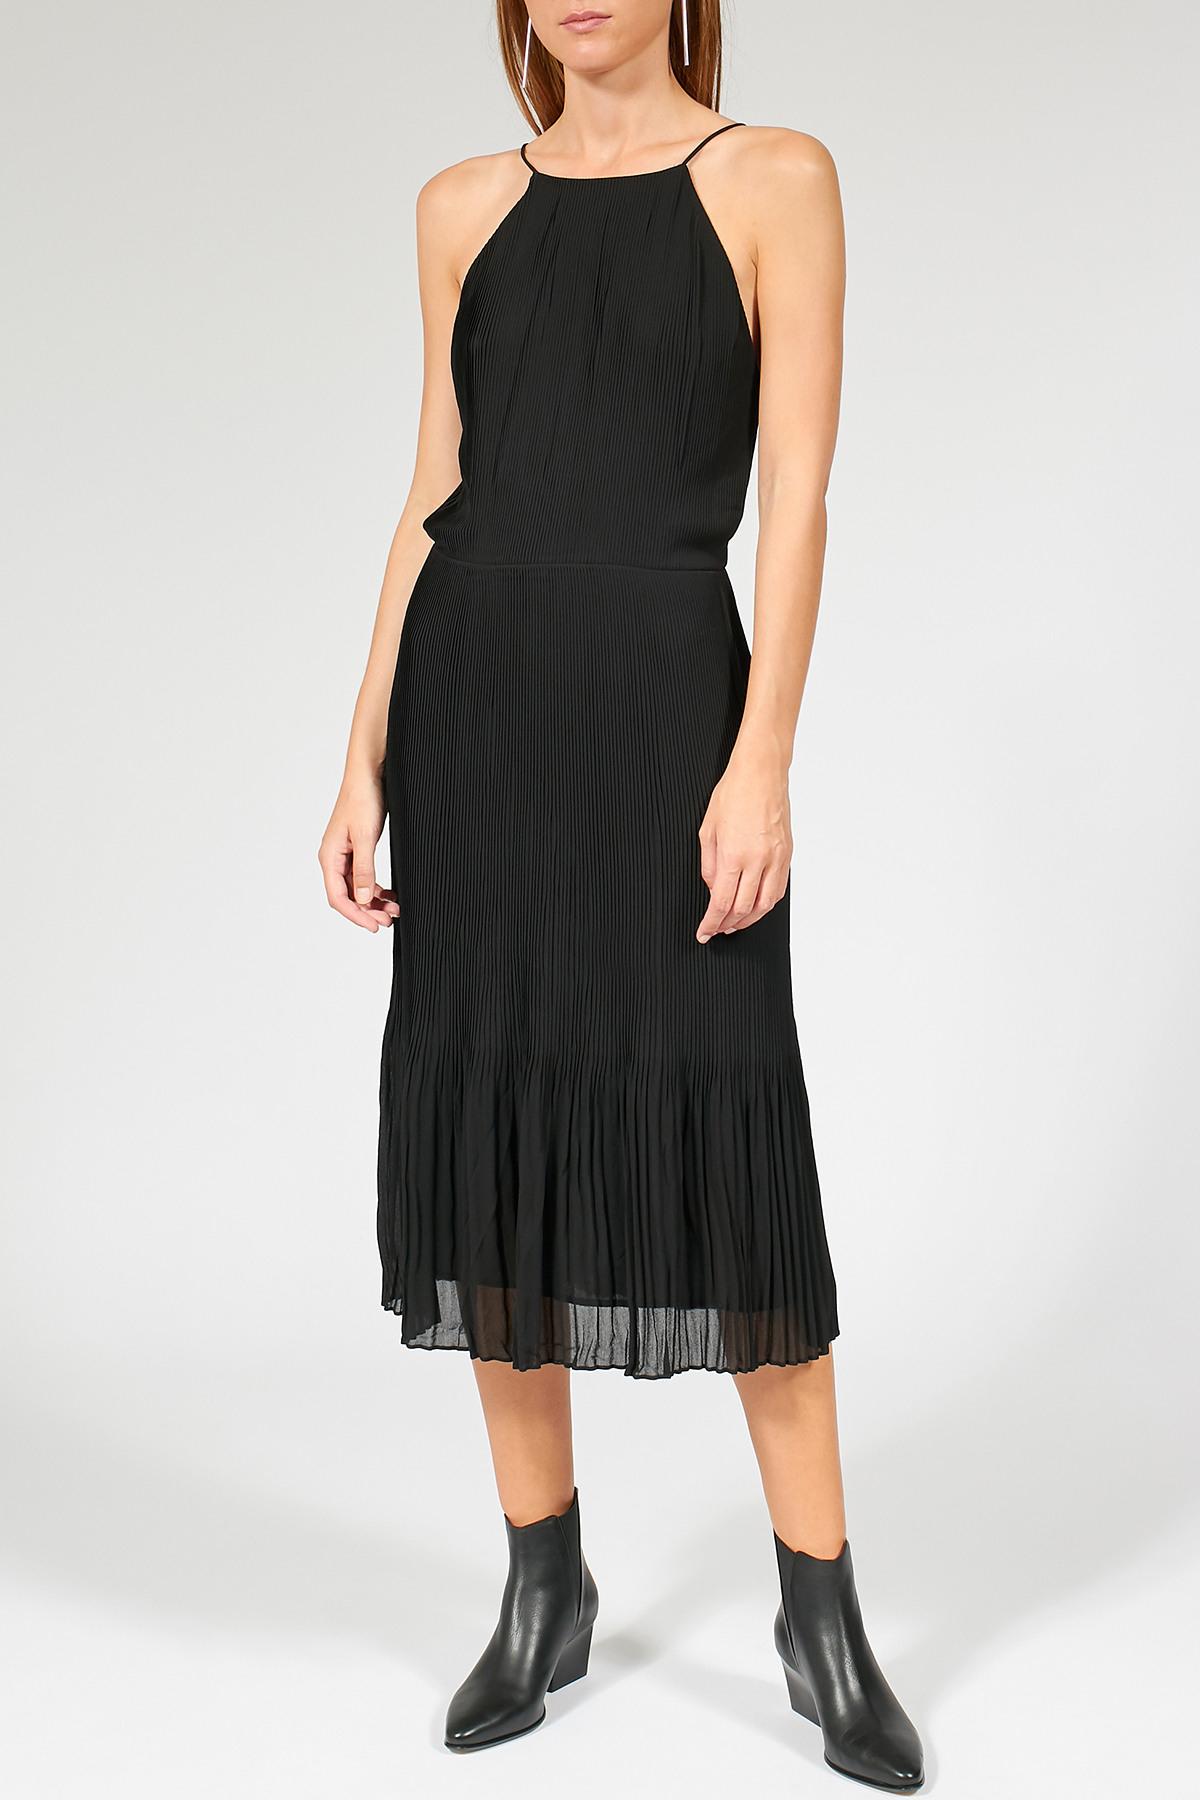 Fabelhafte Samsoe Samsoe Kleid Schwarz Bilder  Bilder Und